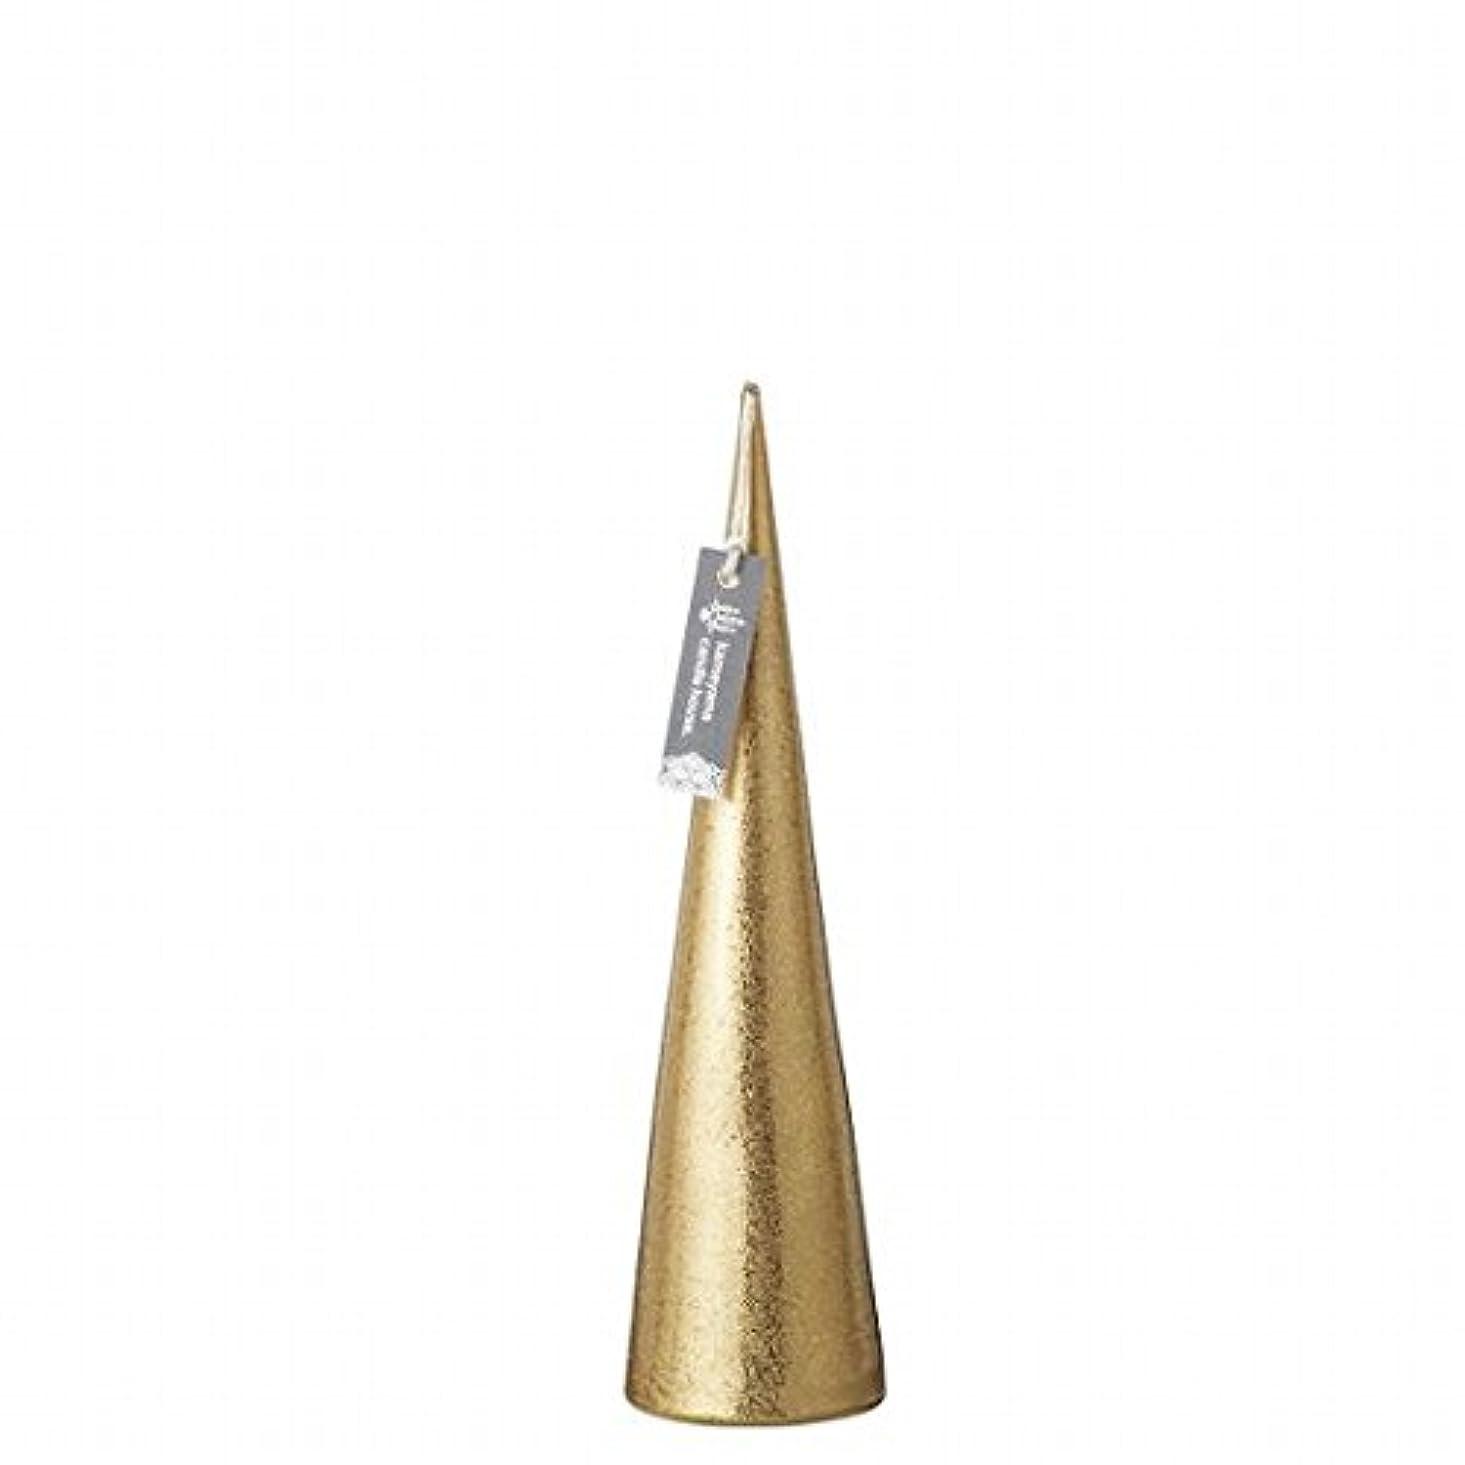 絡まる競う一般的に言えばカメヤマキャンドル(kameyama candle) メタリックコーンM「 ゴールド 」